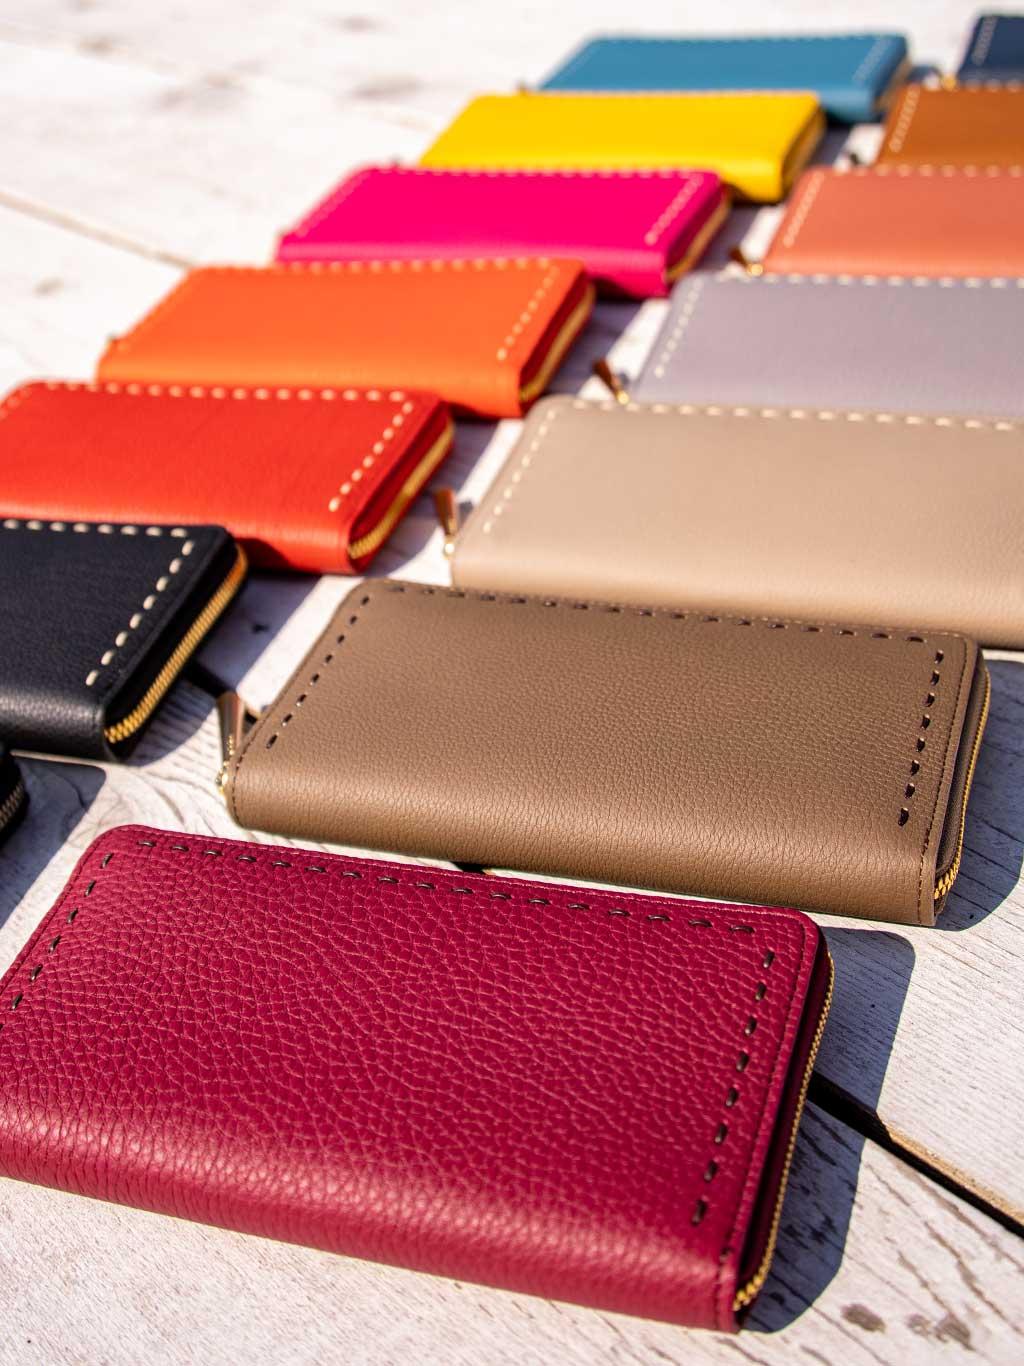 最高級シュリンクレザー・エスポワールで造る日本製のラウンドジッパー長財布[本革ウォレット]SAHO!秋財布の季節だよ。